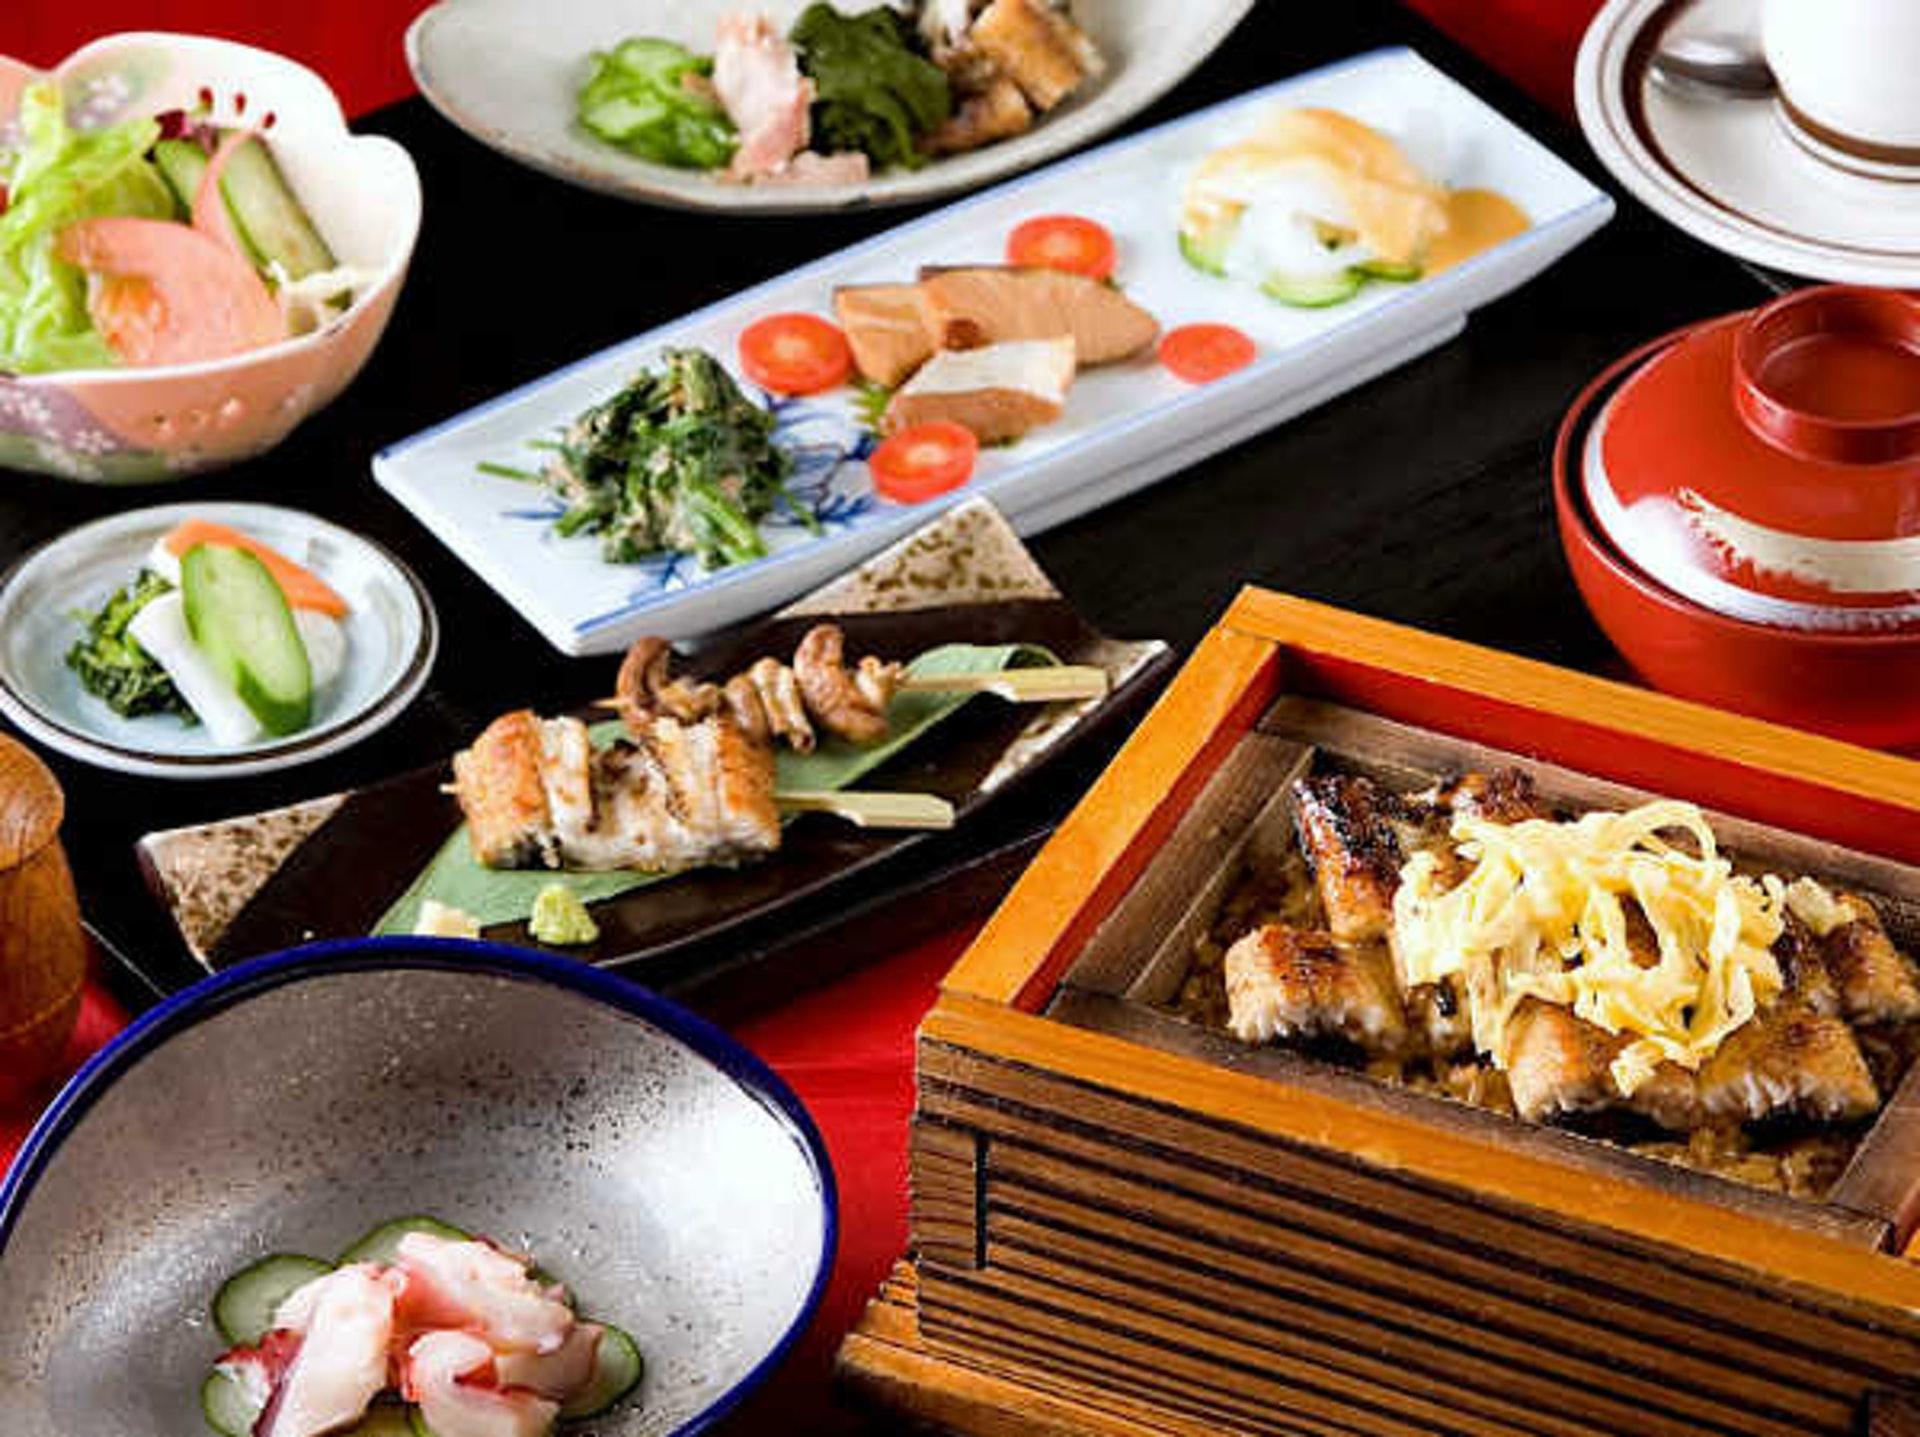 鰻魚飯(柳川屋鰻魚飯官網)